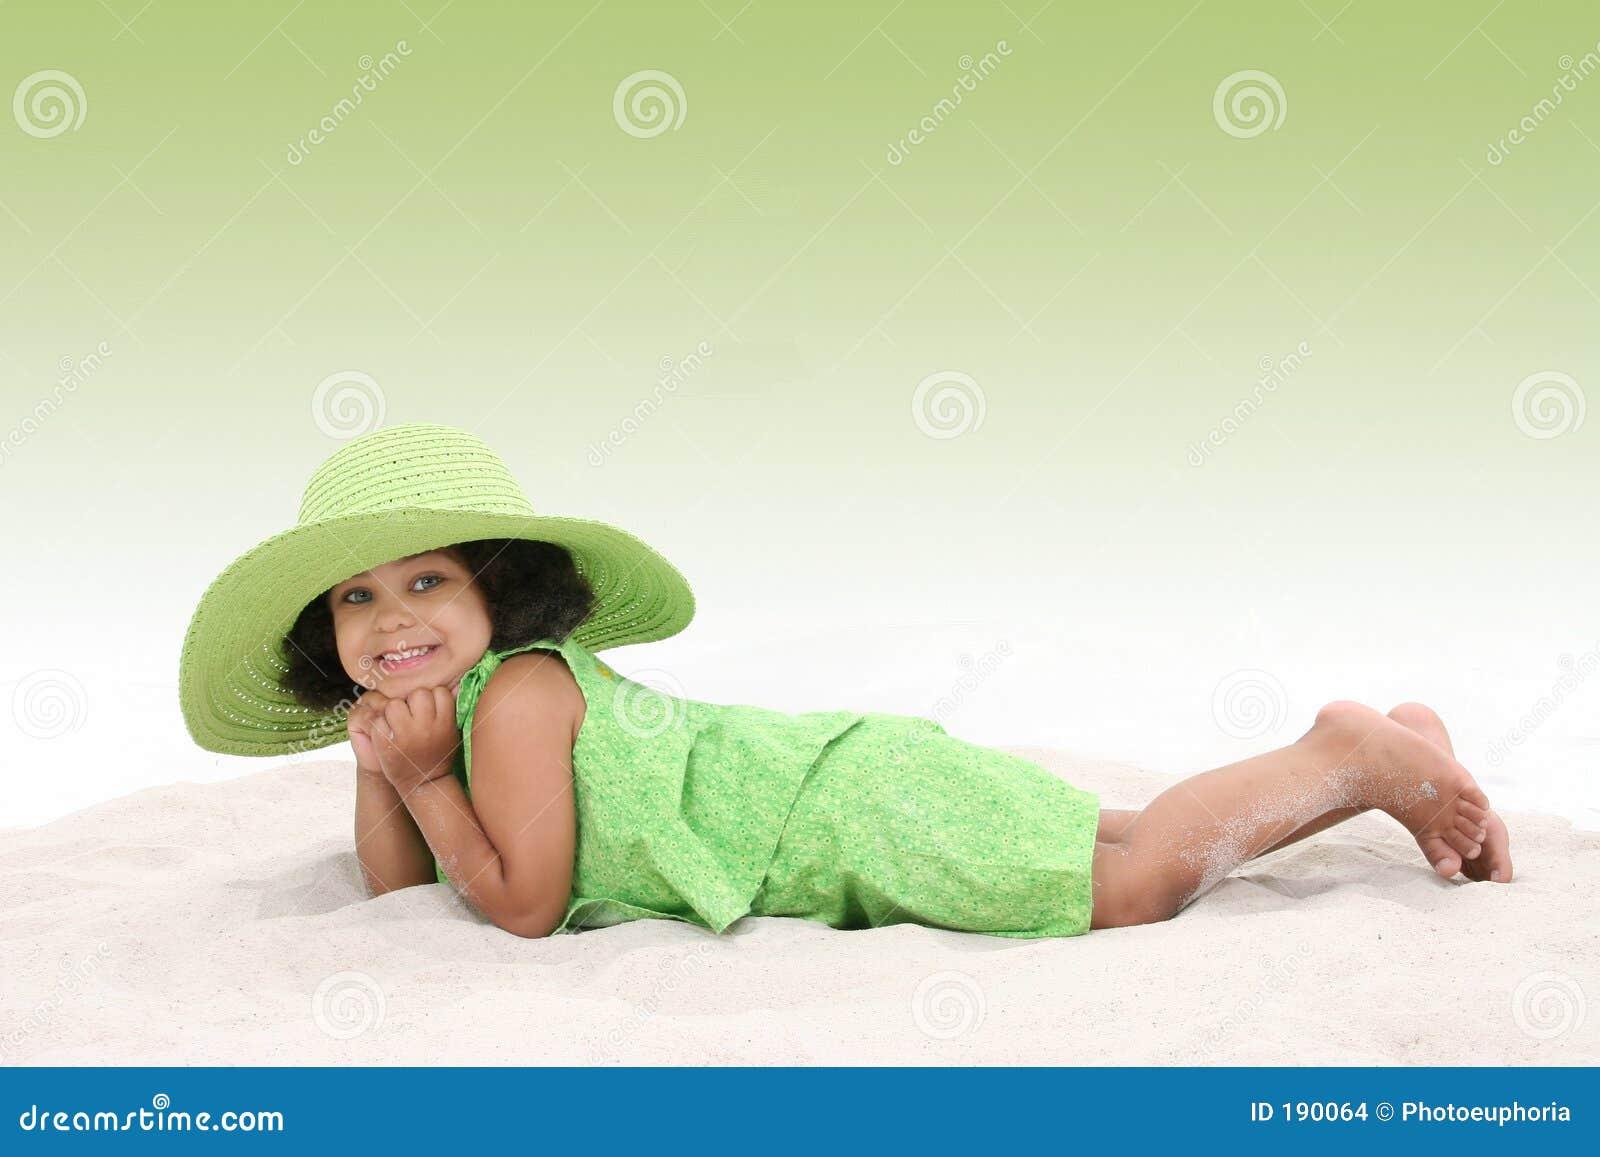 Bella ragazza che risiede nella sabbia che porta grande cappello verde